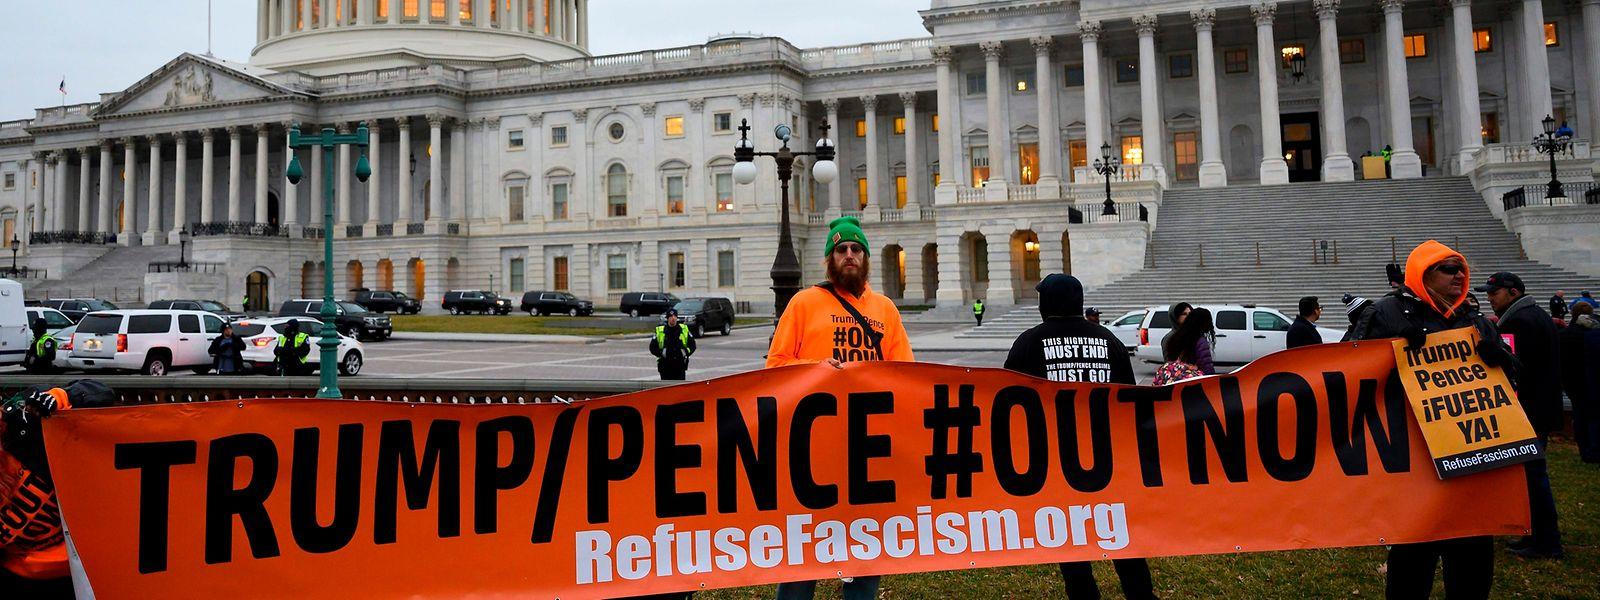 Les manifestants anti-Trump ont fait le pied de grue devant le Sénat américain